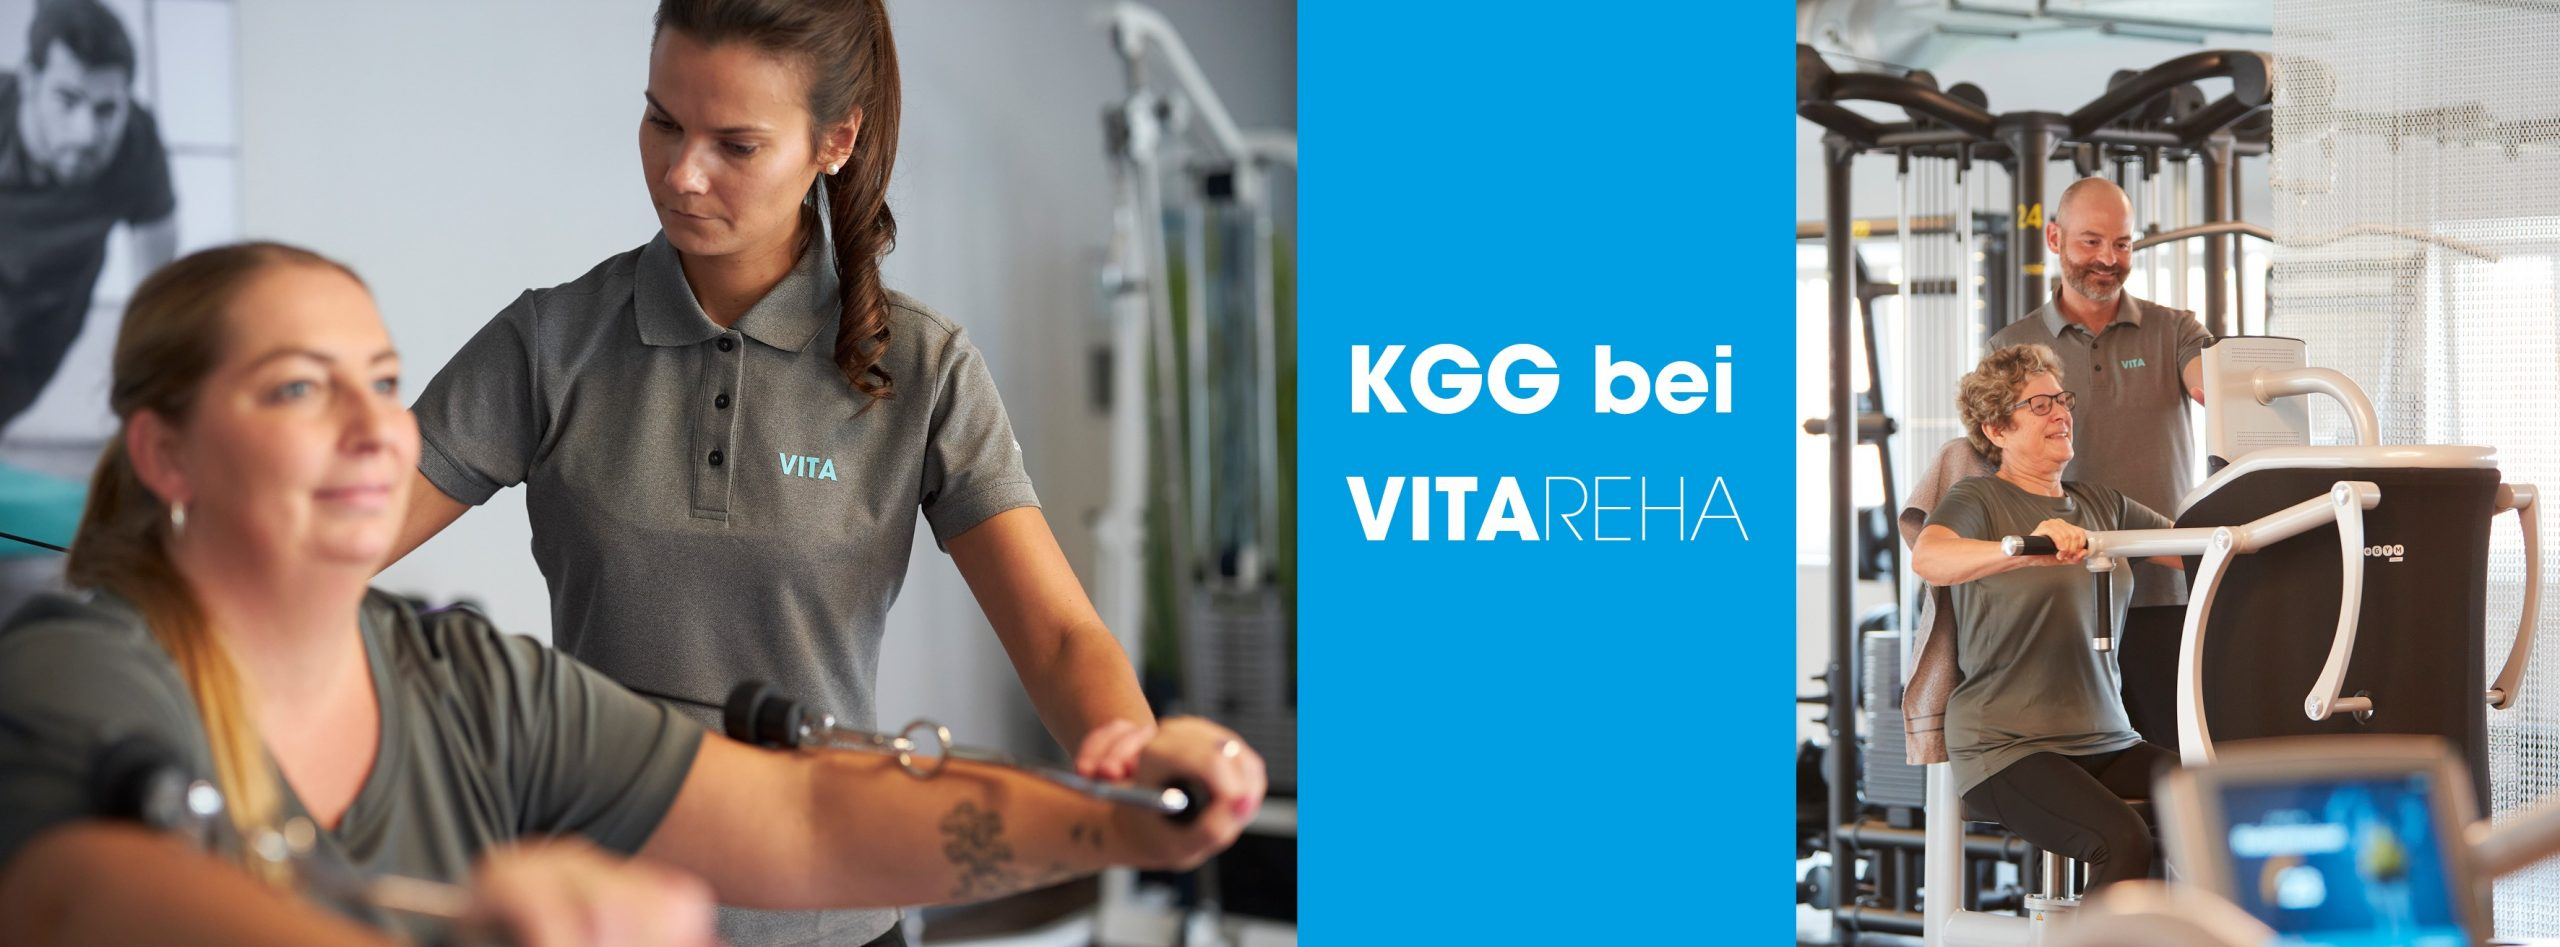 Bild zeigt Physiotherapeuten und Patienten bei der Behandlung KGG